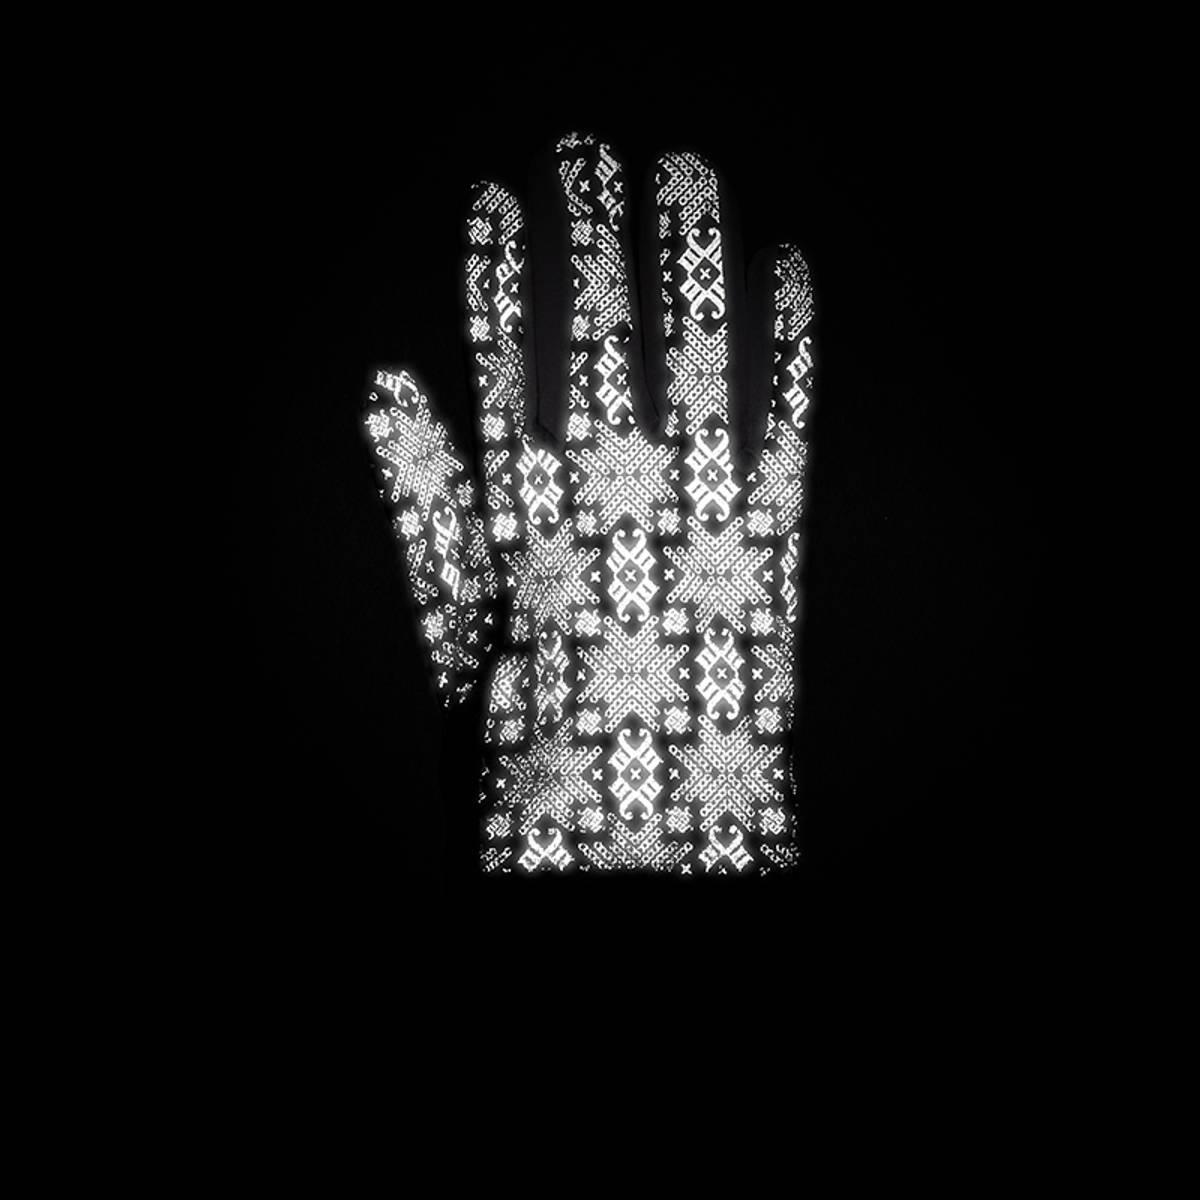 Morild Glitre hansker med refleks, hvit